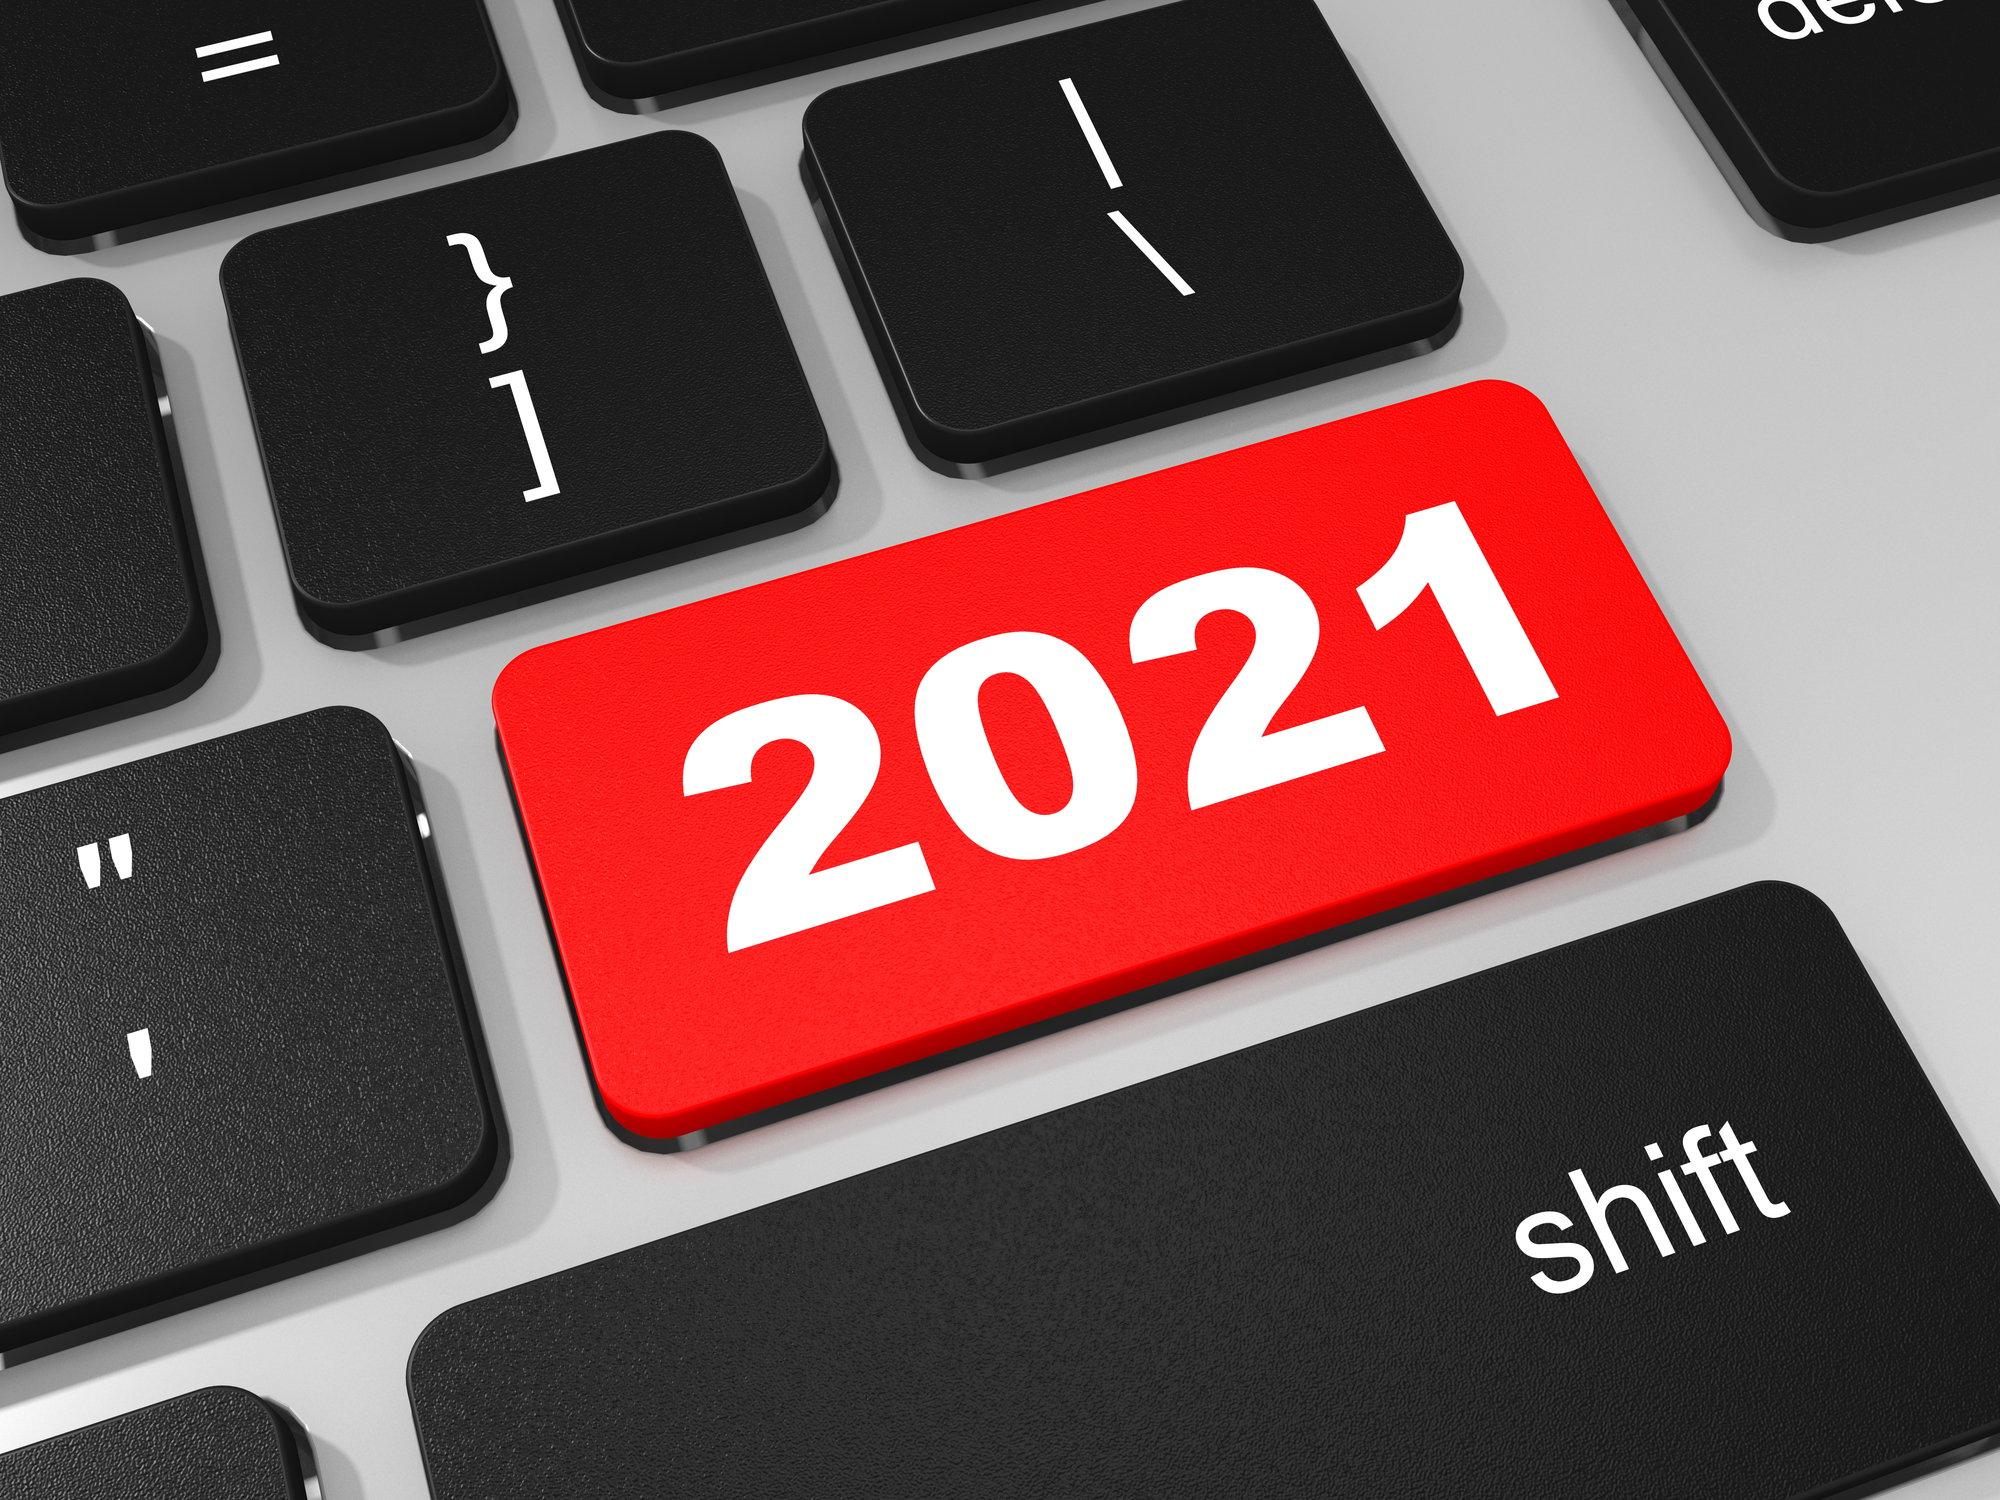 2021 new year key on keyboard